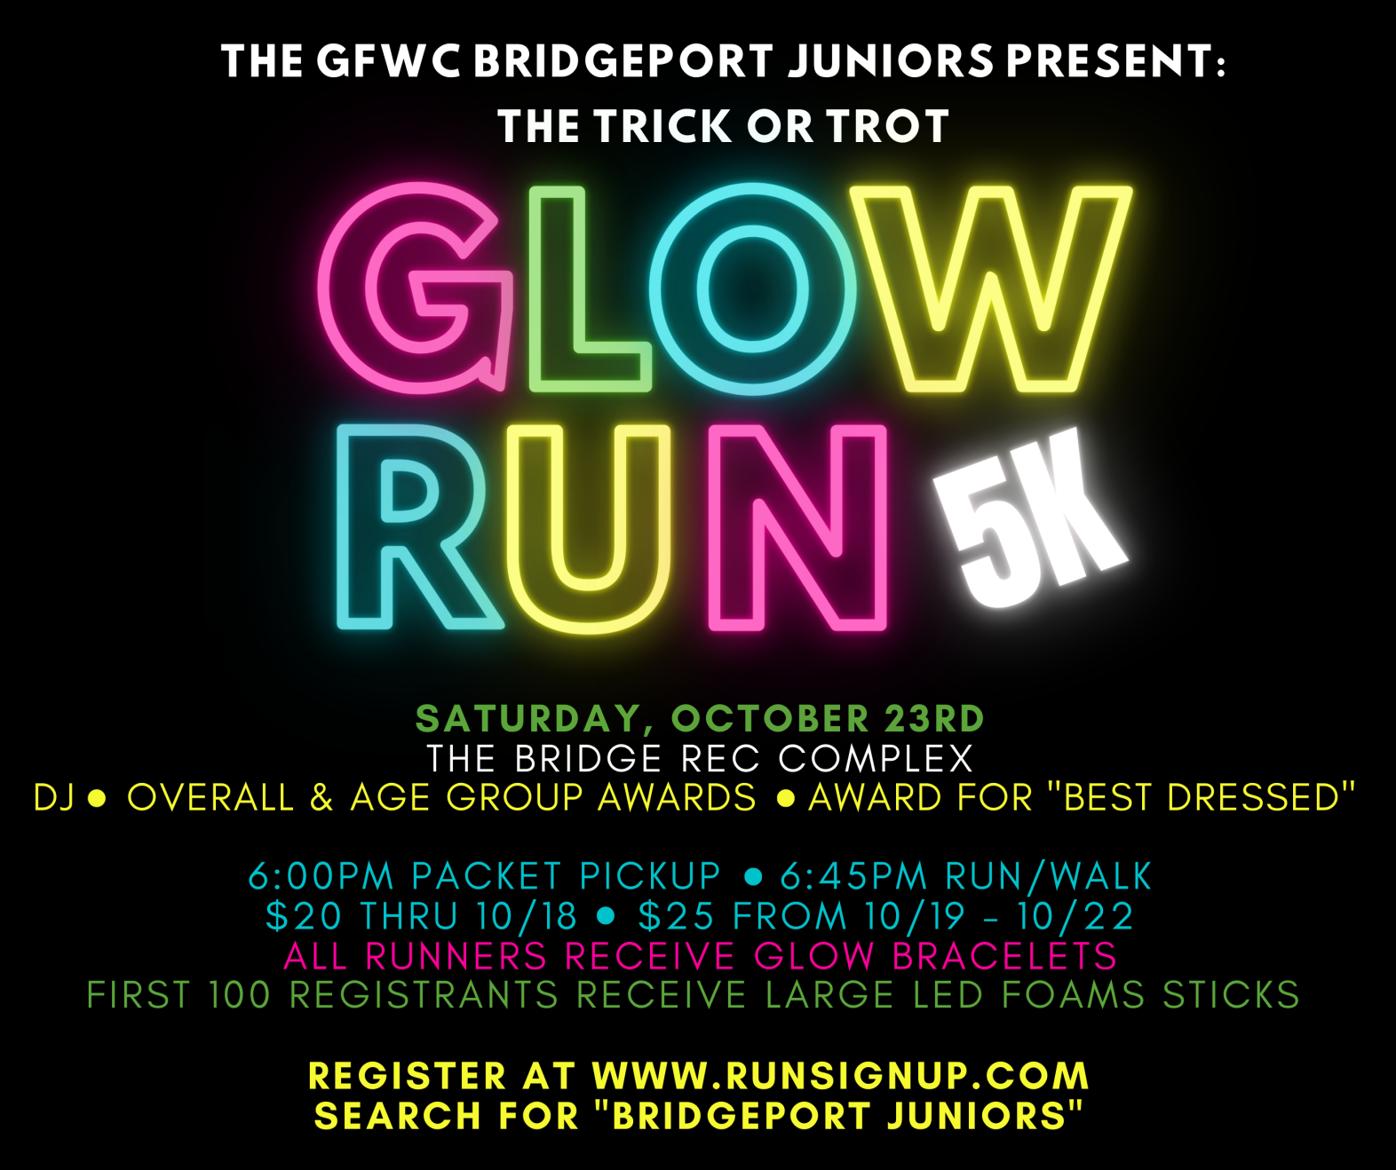 Glow Run graphic